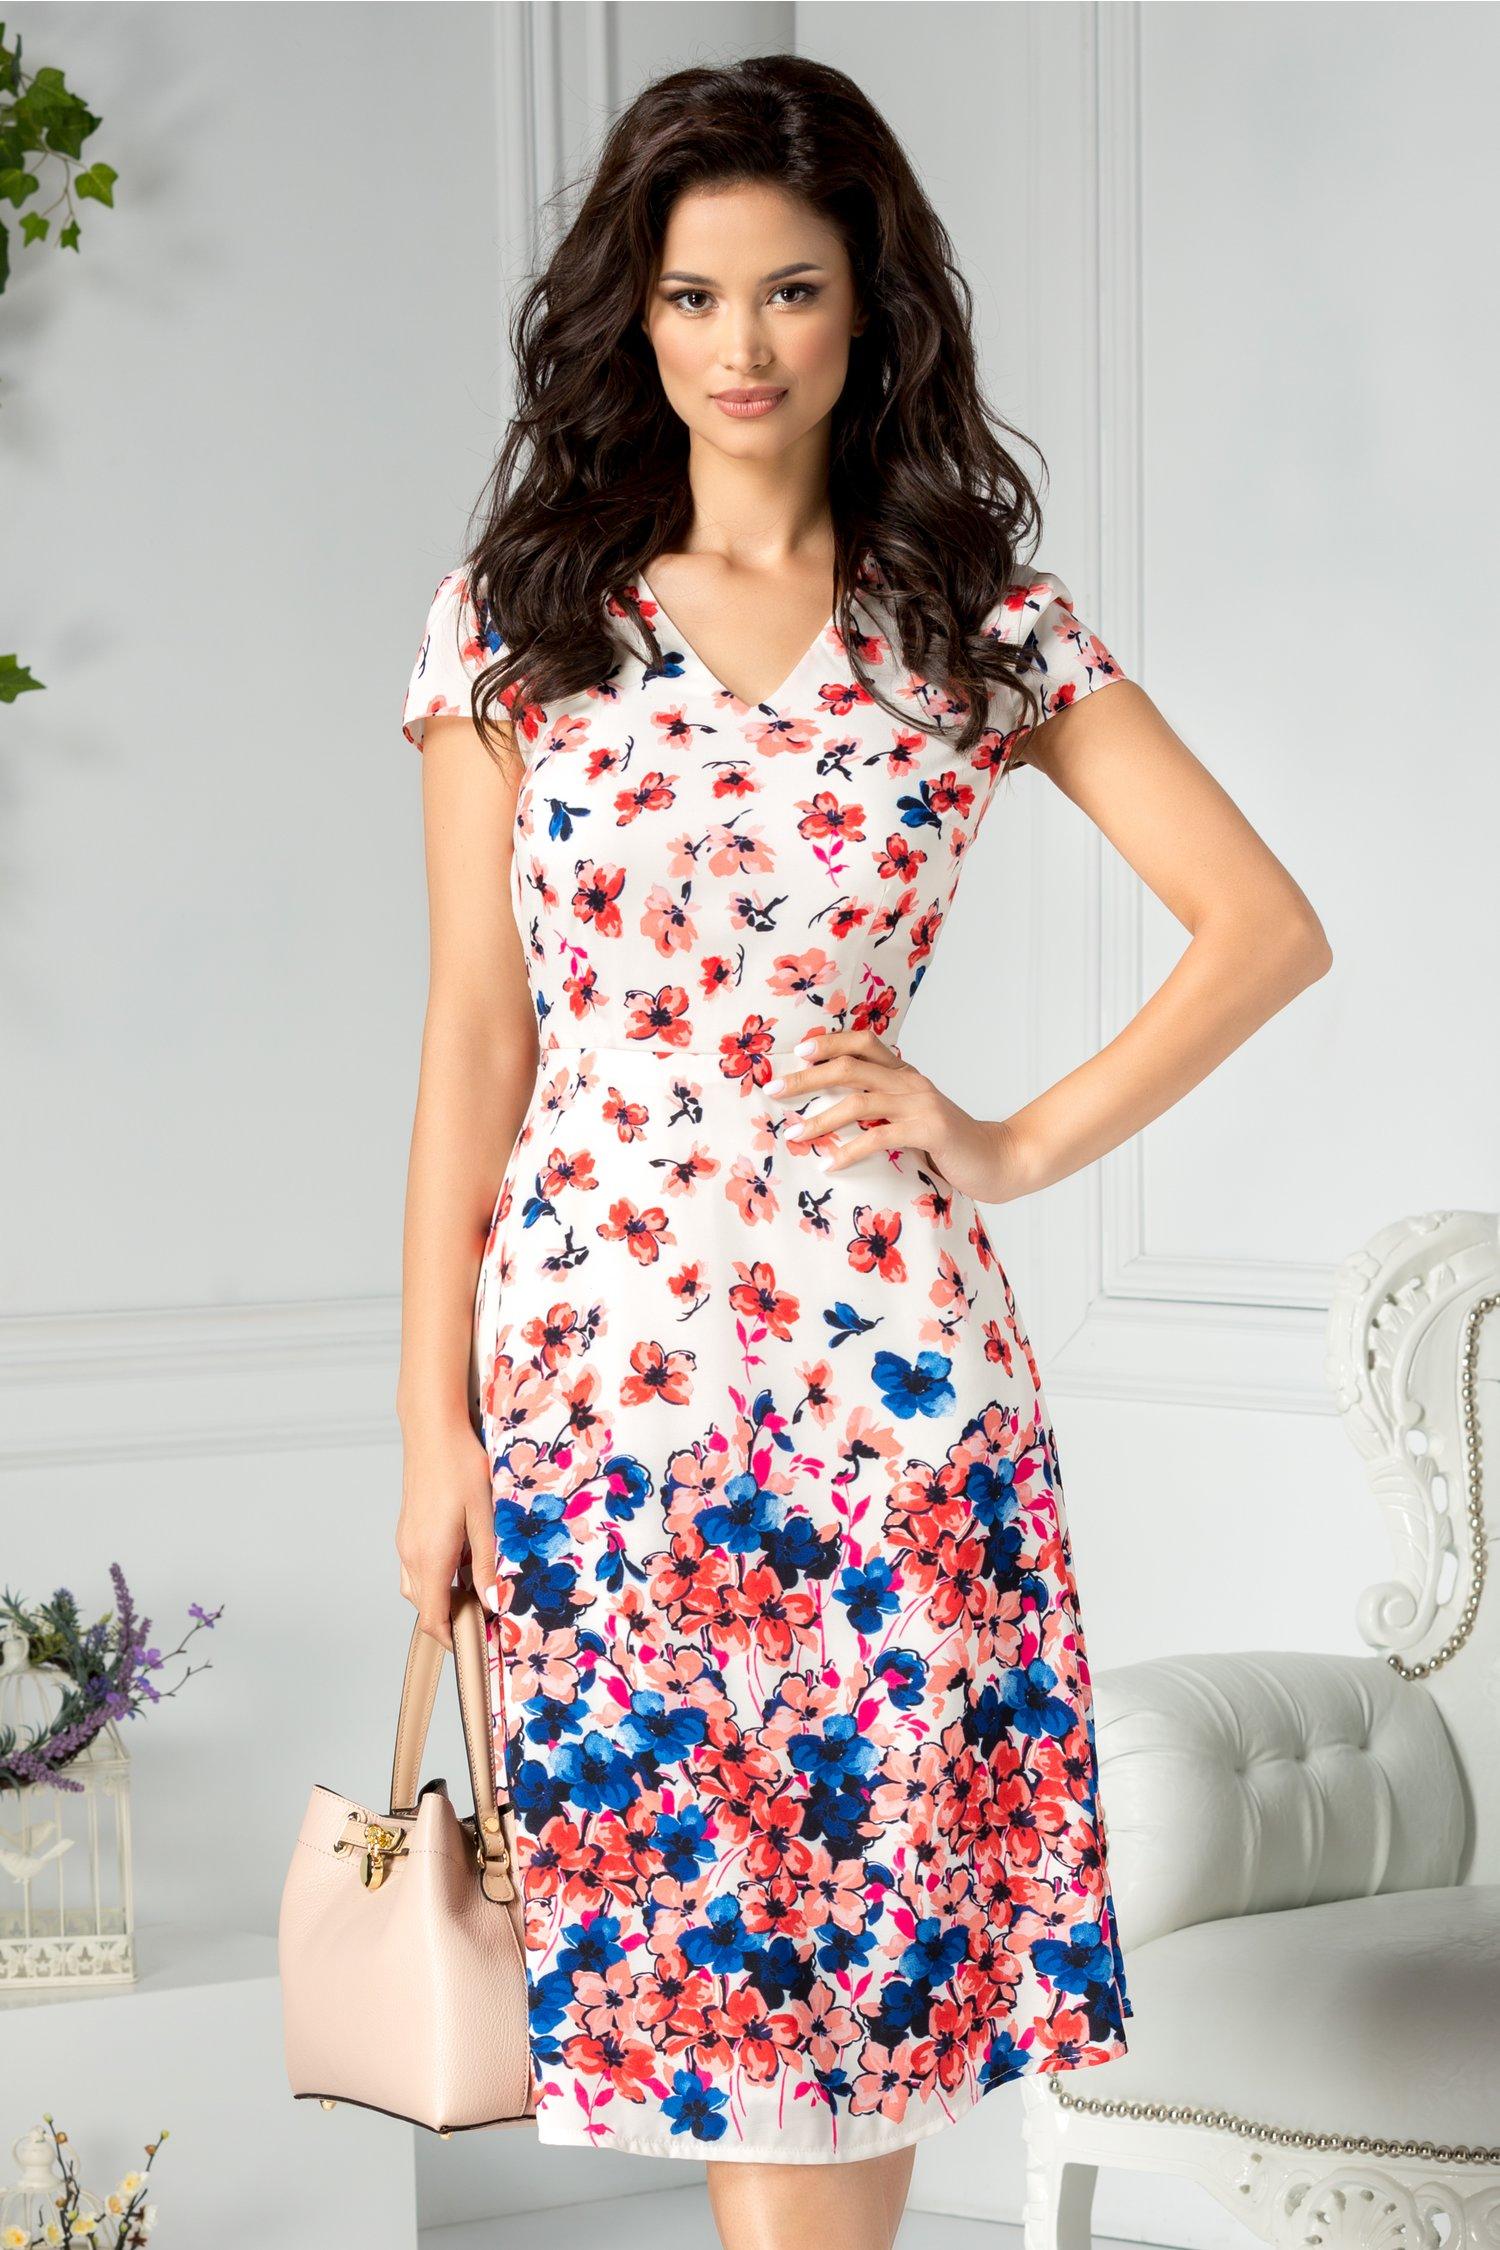 Rochie Janice midi alba cu floricele colorate